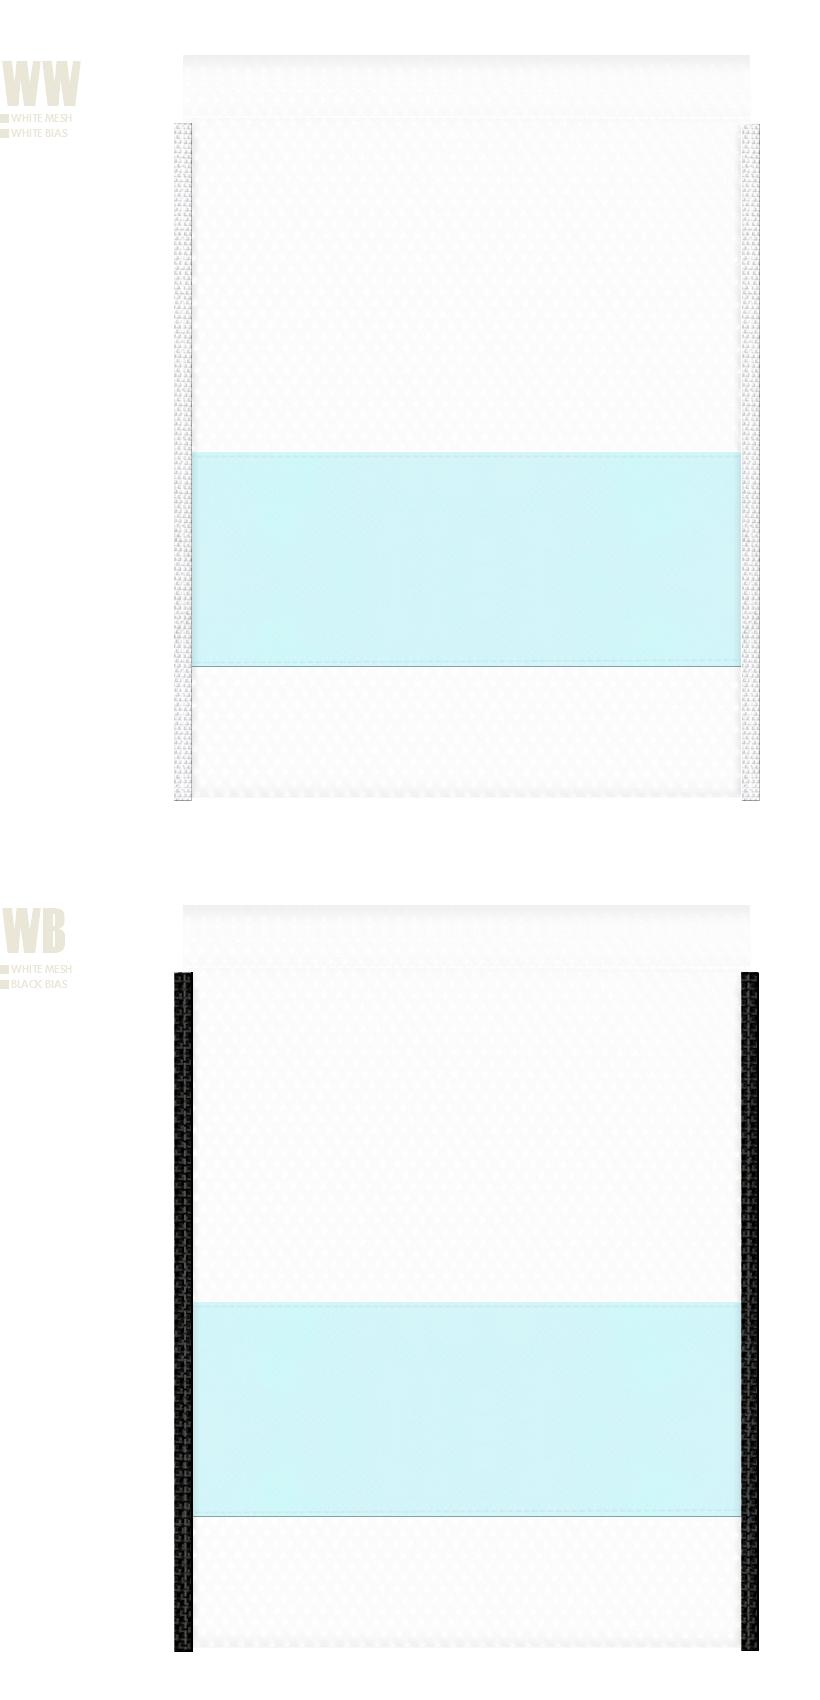 白色メッシュと水色不織布のメッシュバッグカラーシミュレーション:キャンプ用品・アウトドア用品・スポーツ用品・シューズバッグ・バス用品の販促ノベルティにお奨め